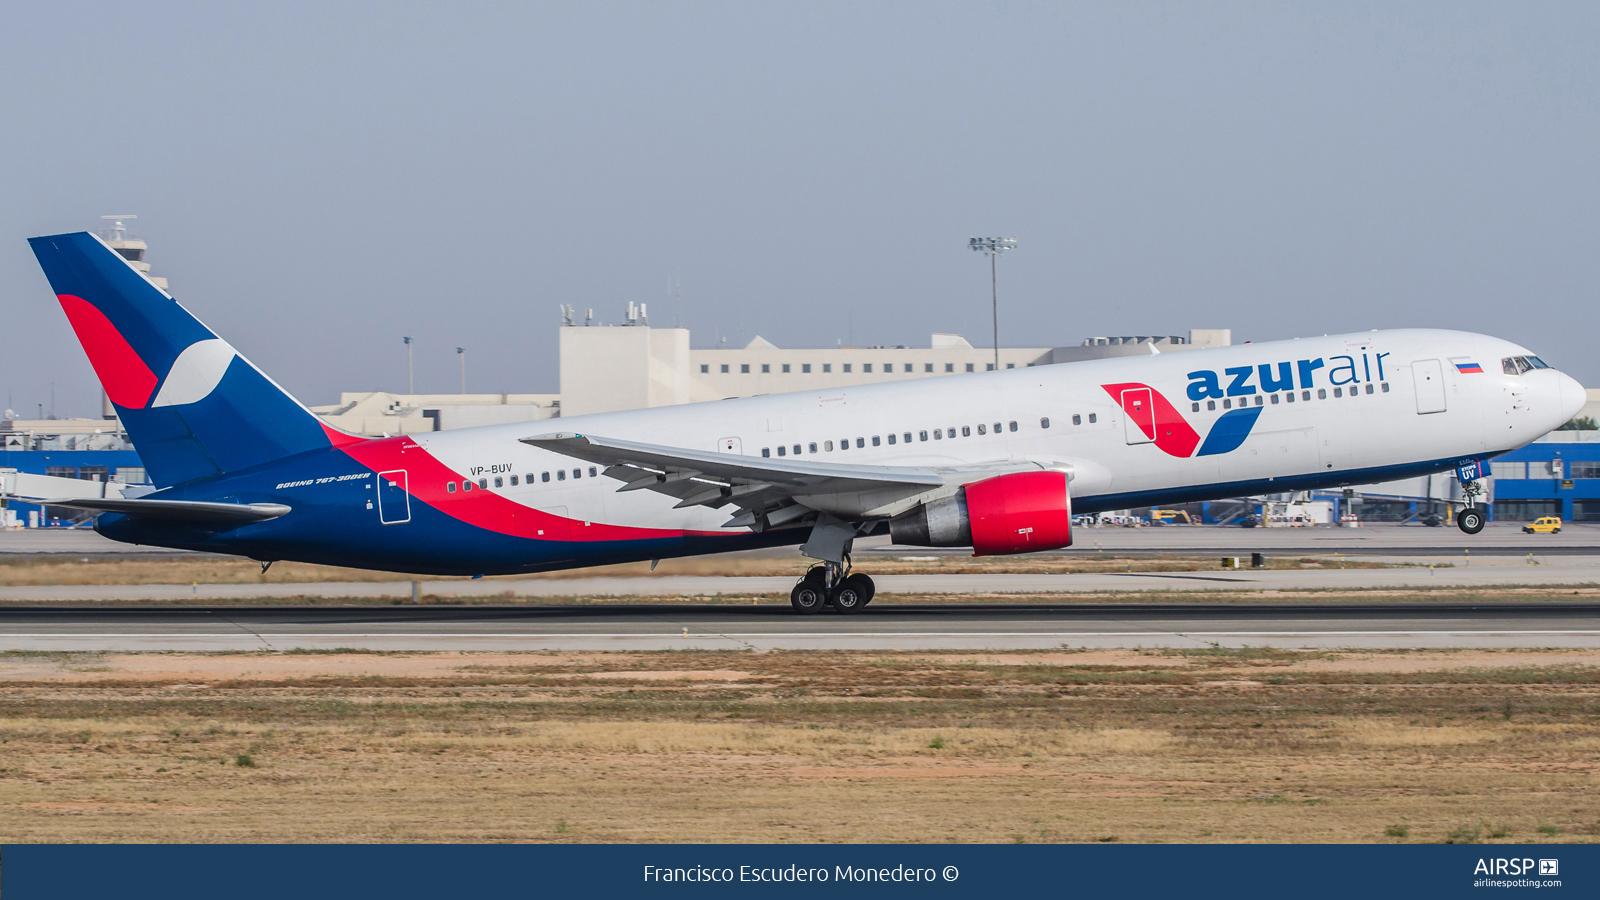 Azur Air  Boeing 767-300  VP-BUV